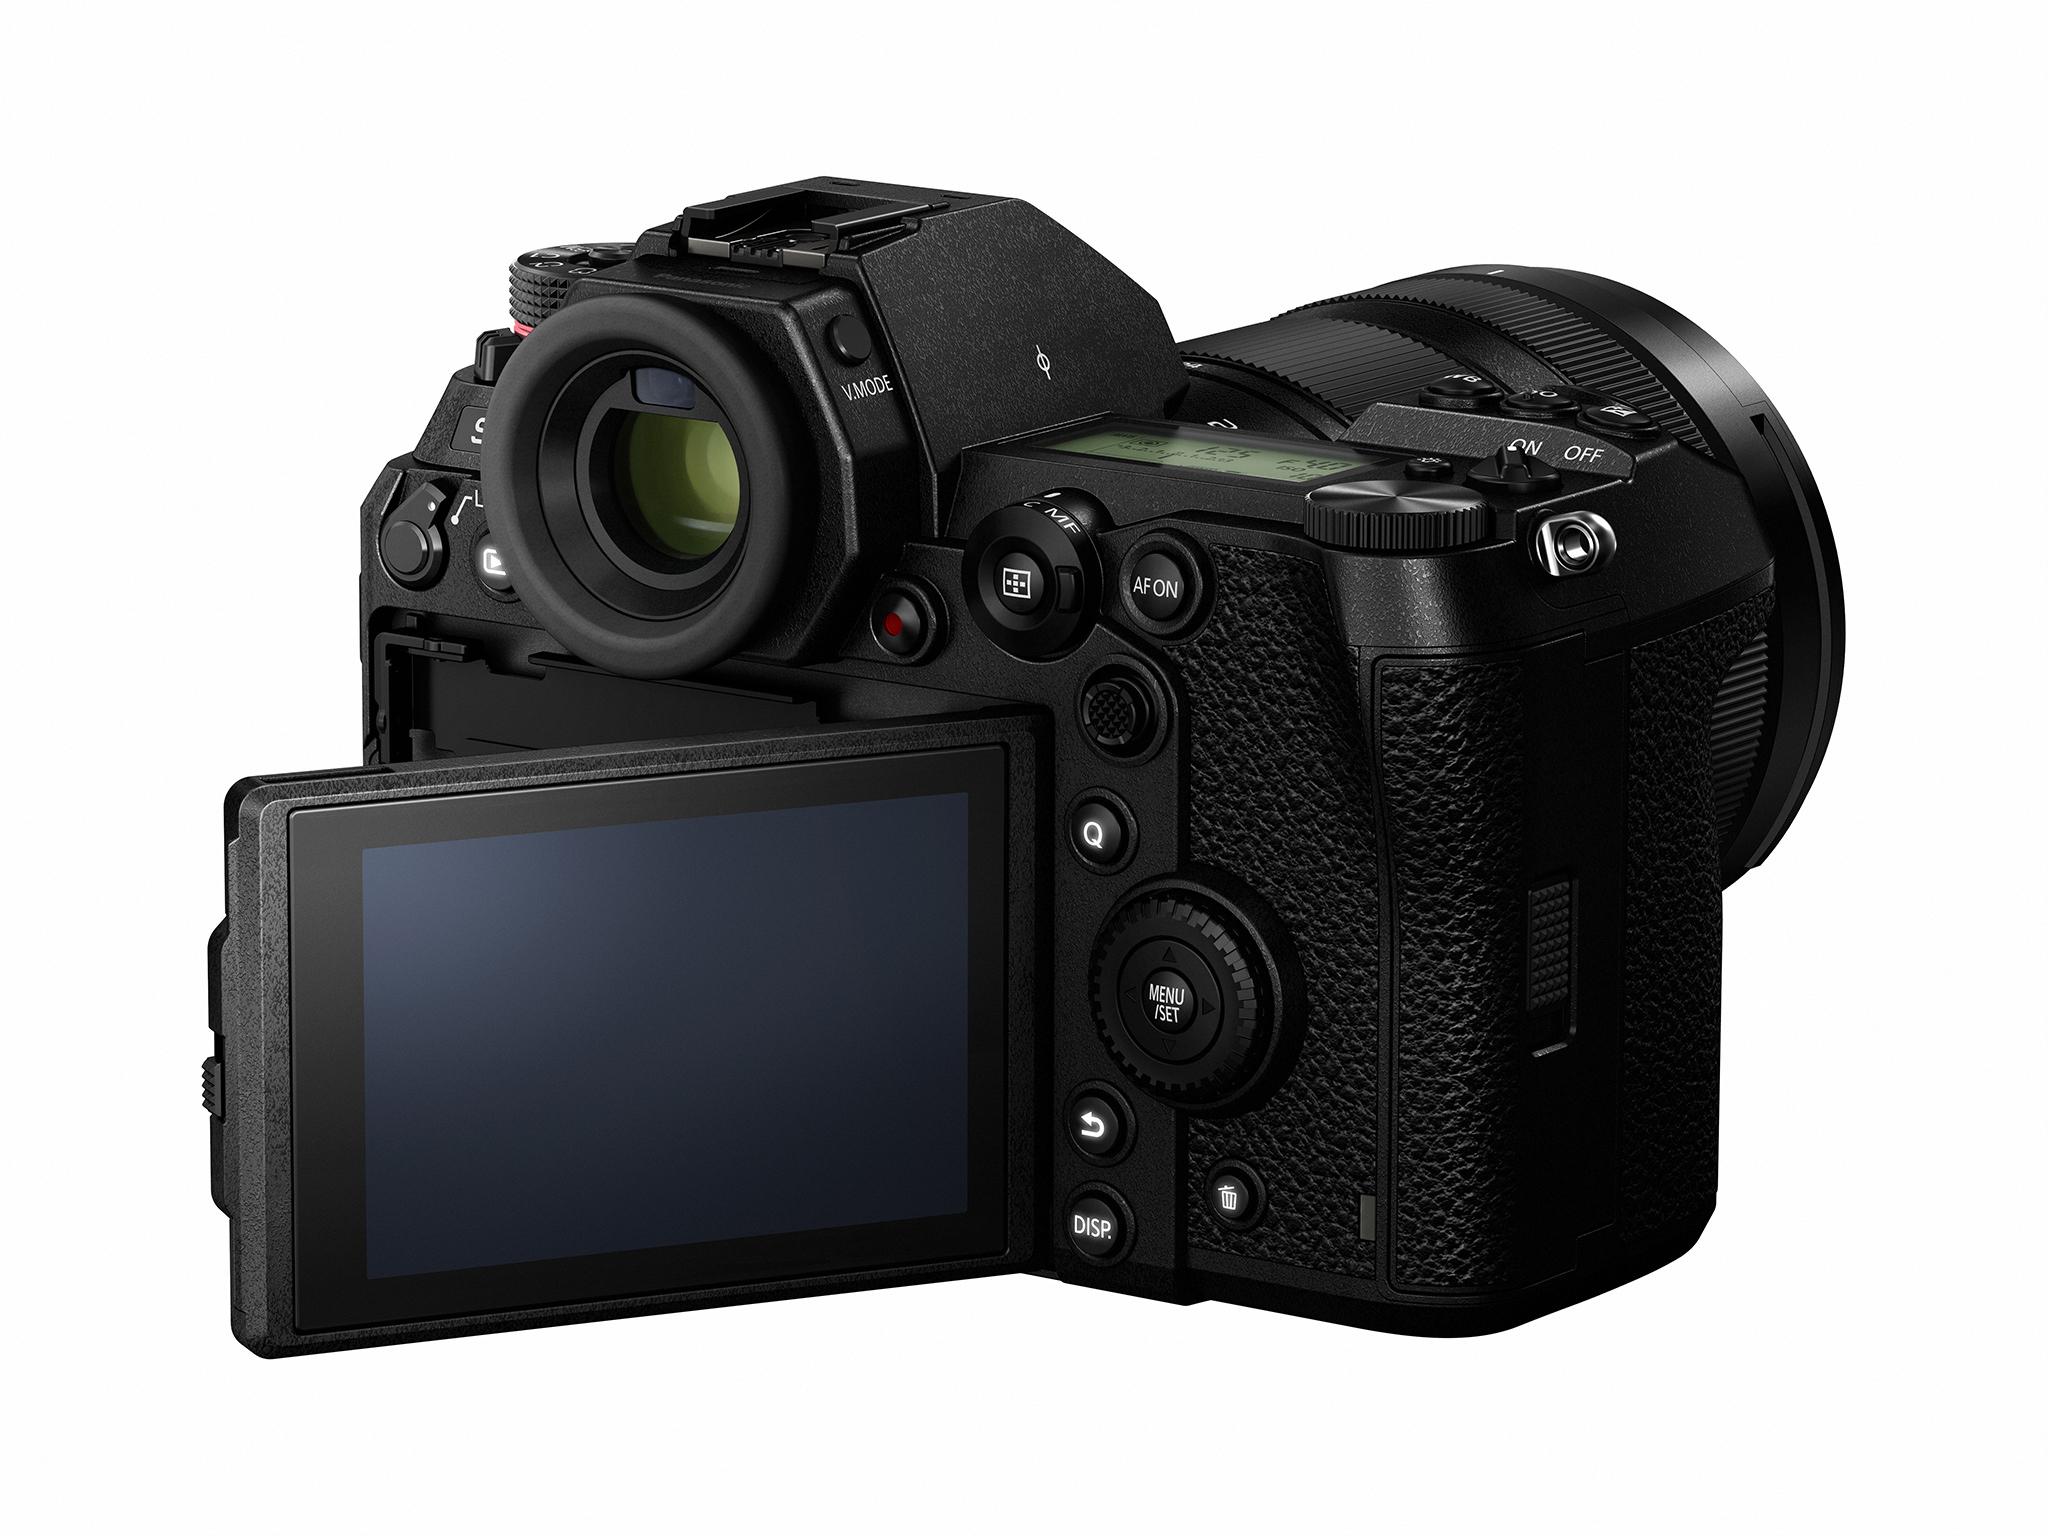 Førstehånds indtrykket af Panasonic S1 og S1R Full Frame spejlløse kamera